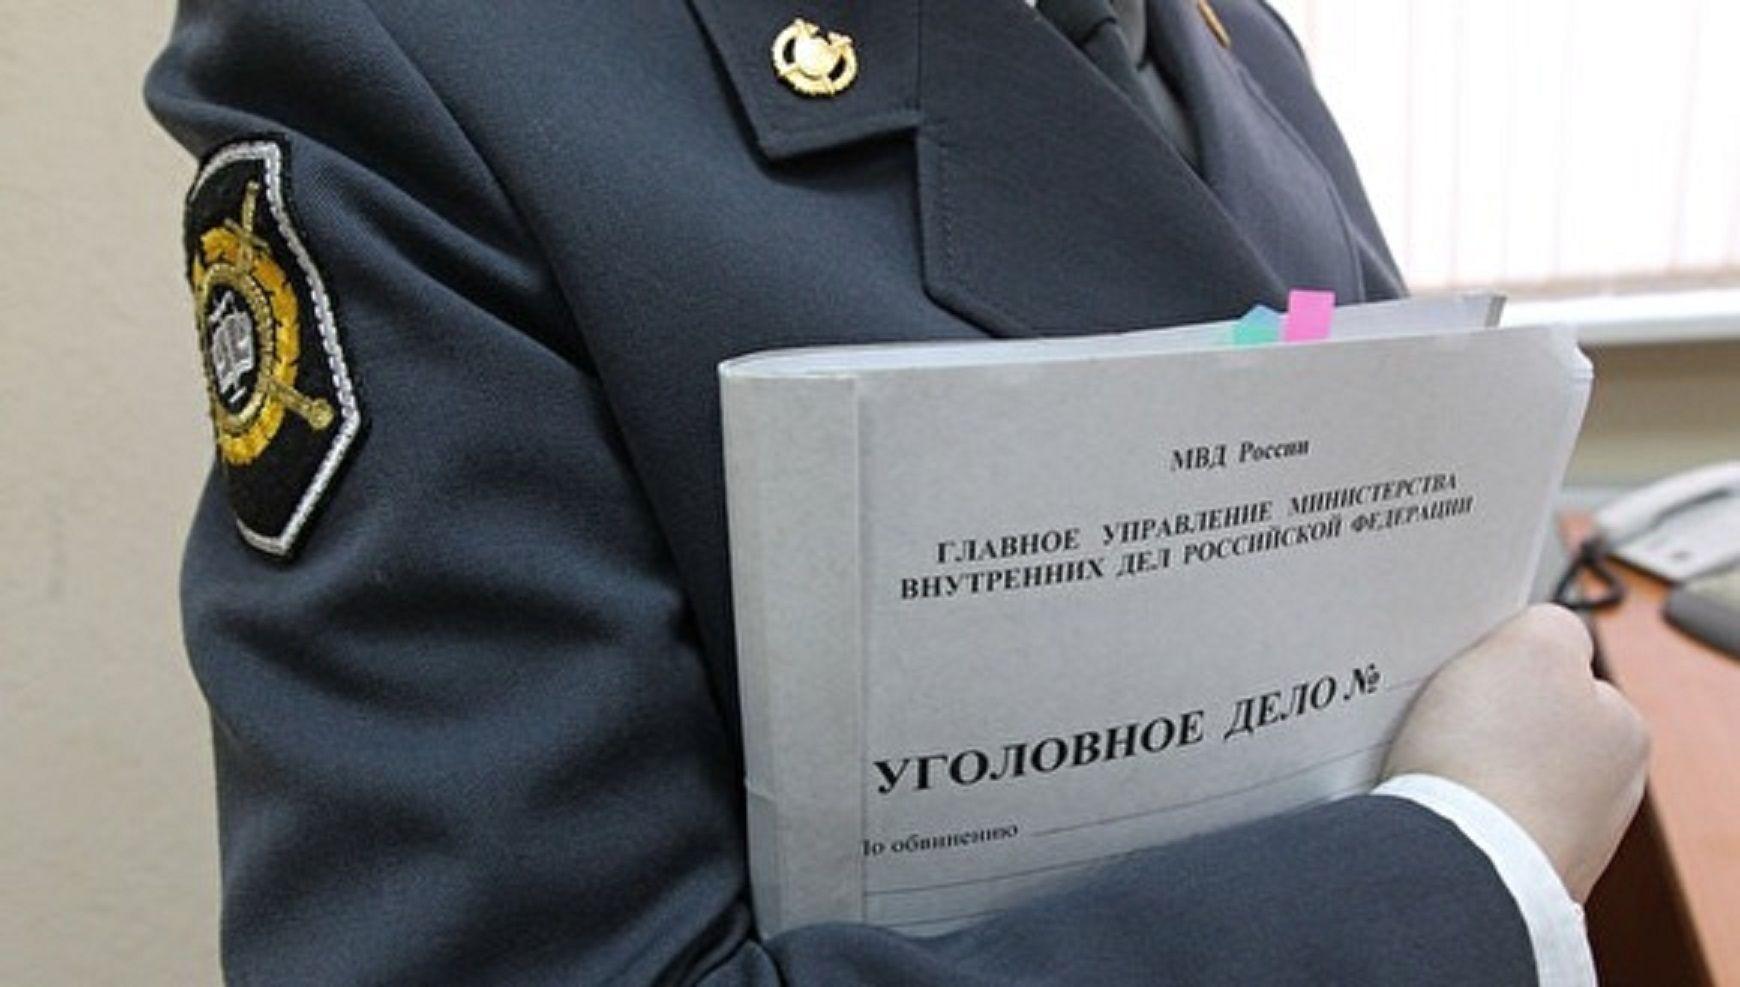 Полиция ищет мошенника, обманувшего 92-летнего ставропольца на 160 тысяч рублей